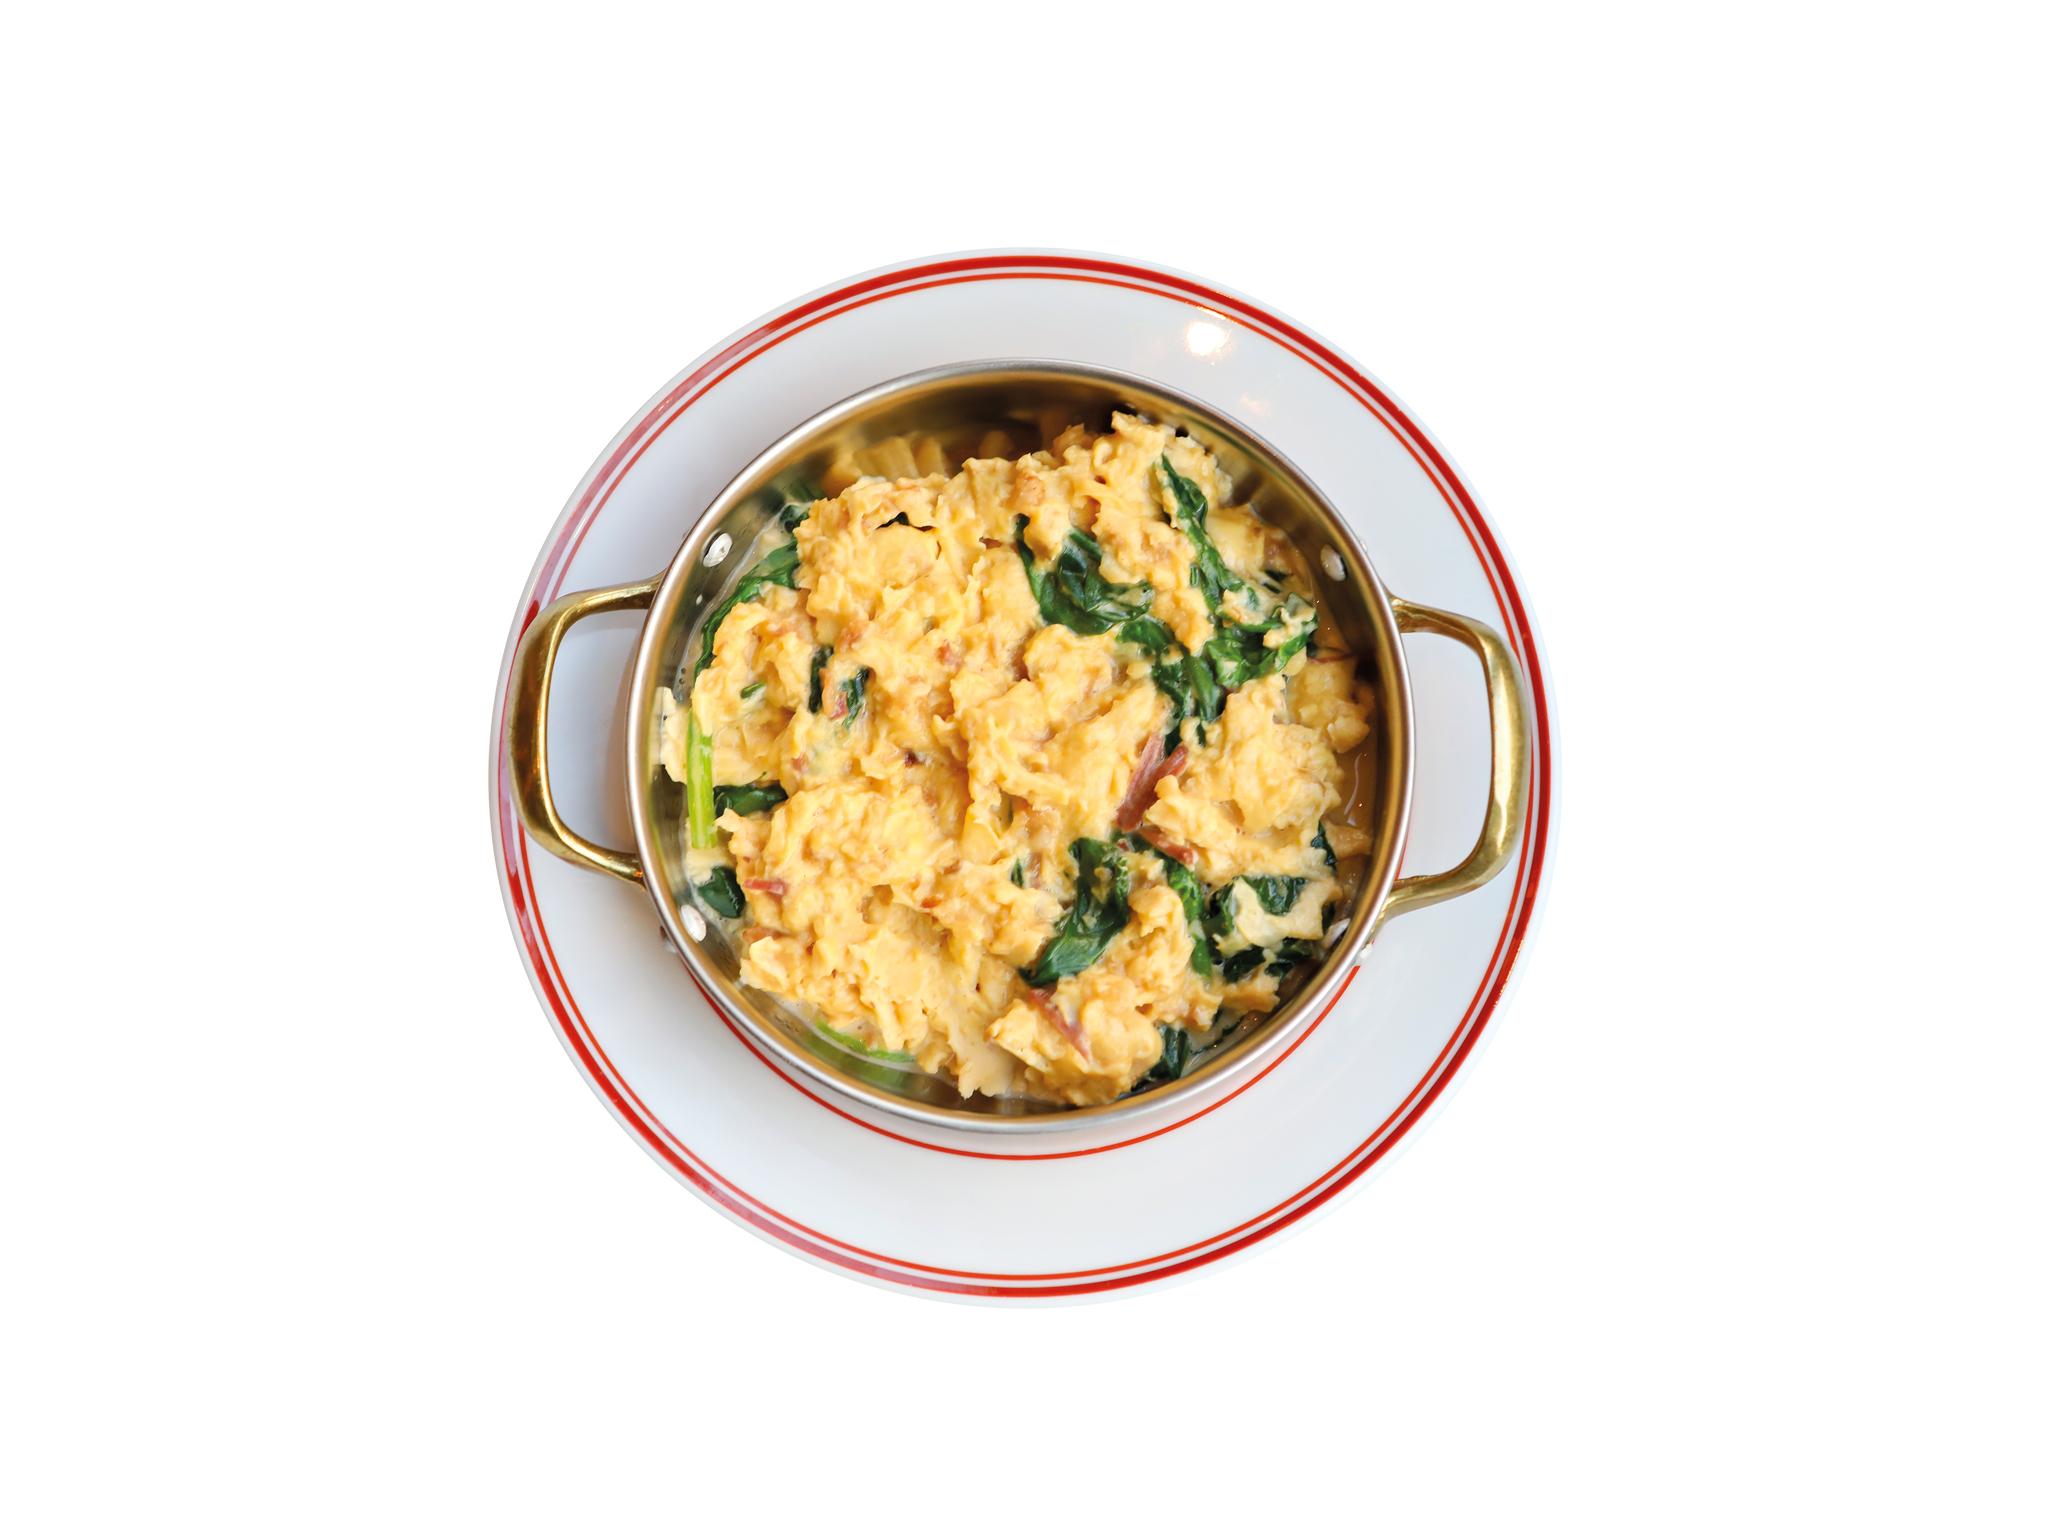 Tapisco - Ovos mexidos com alheira